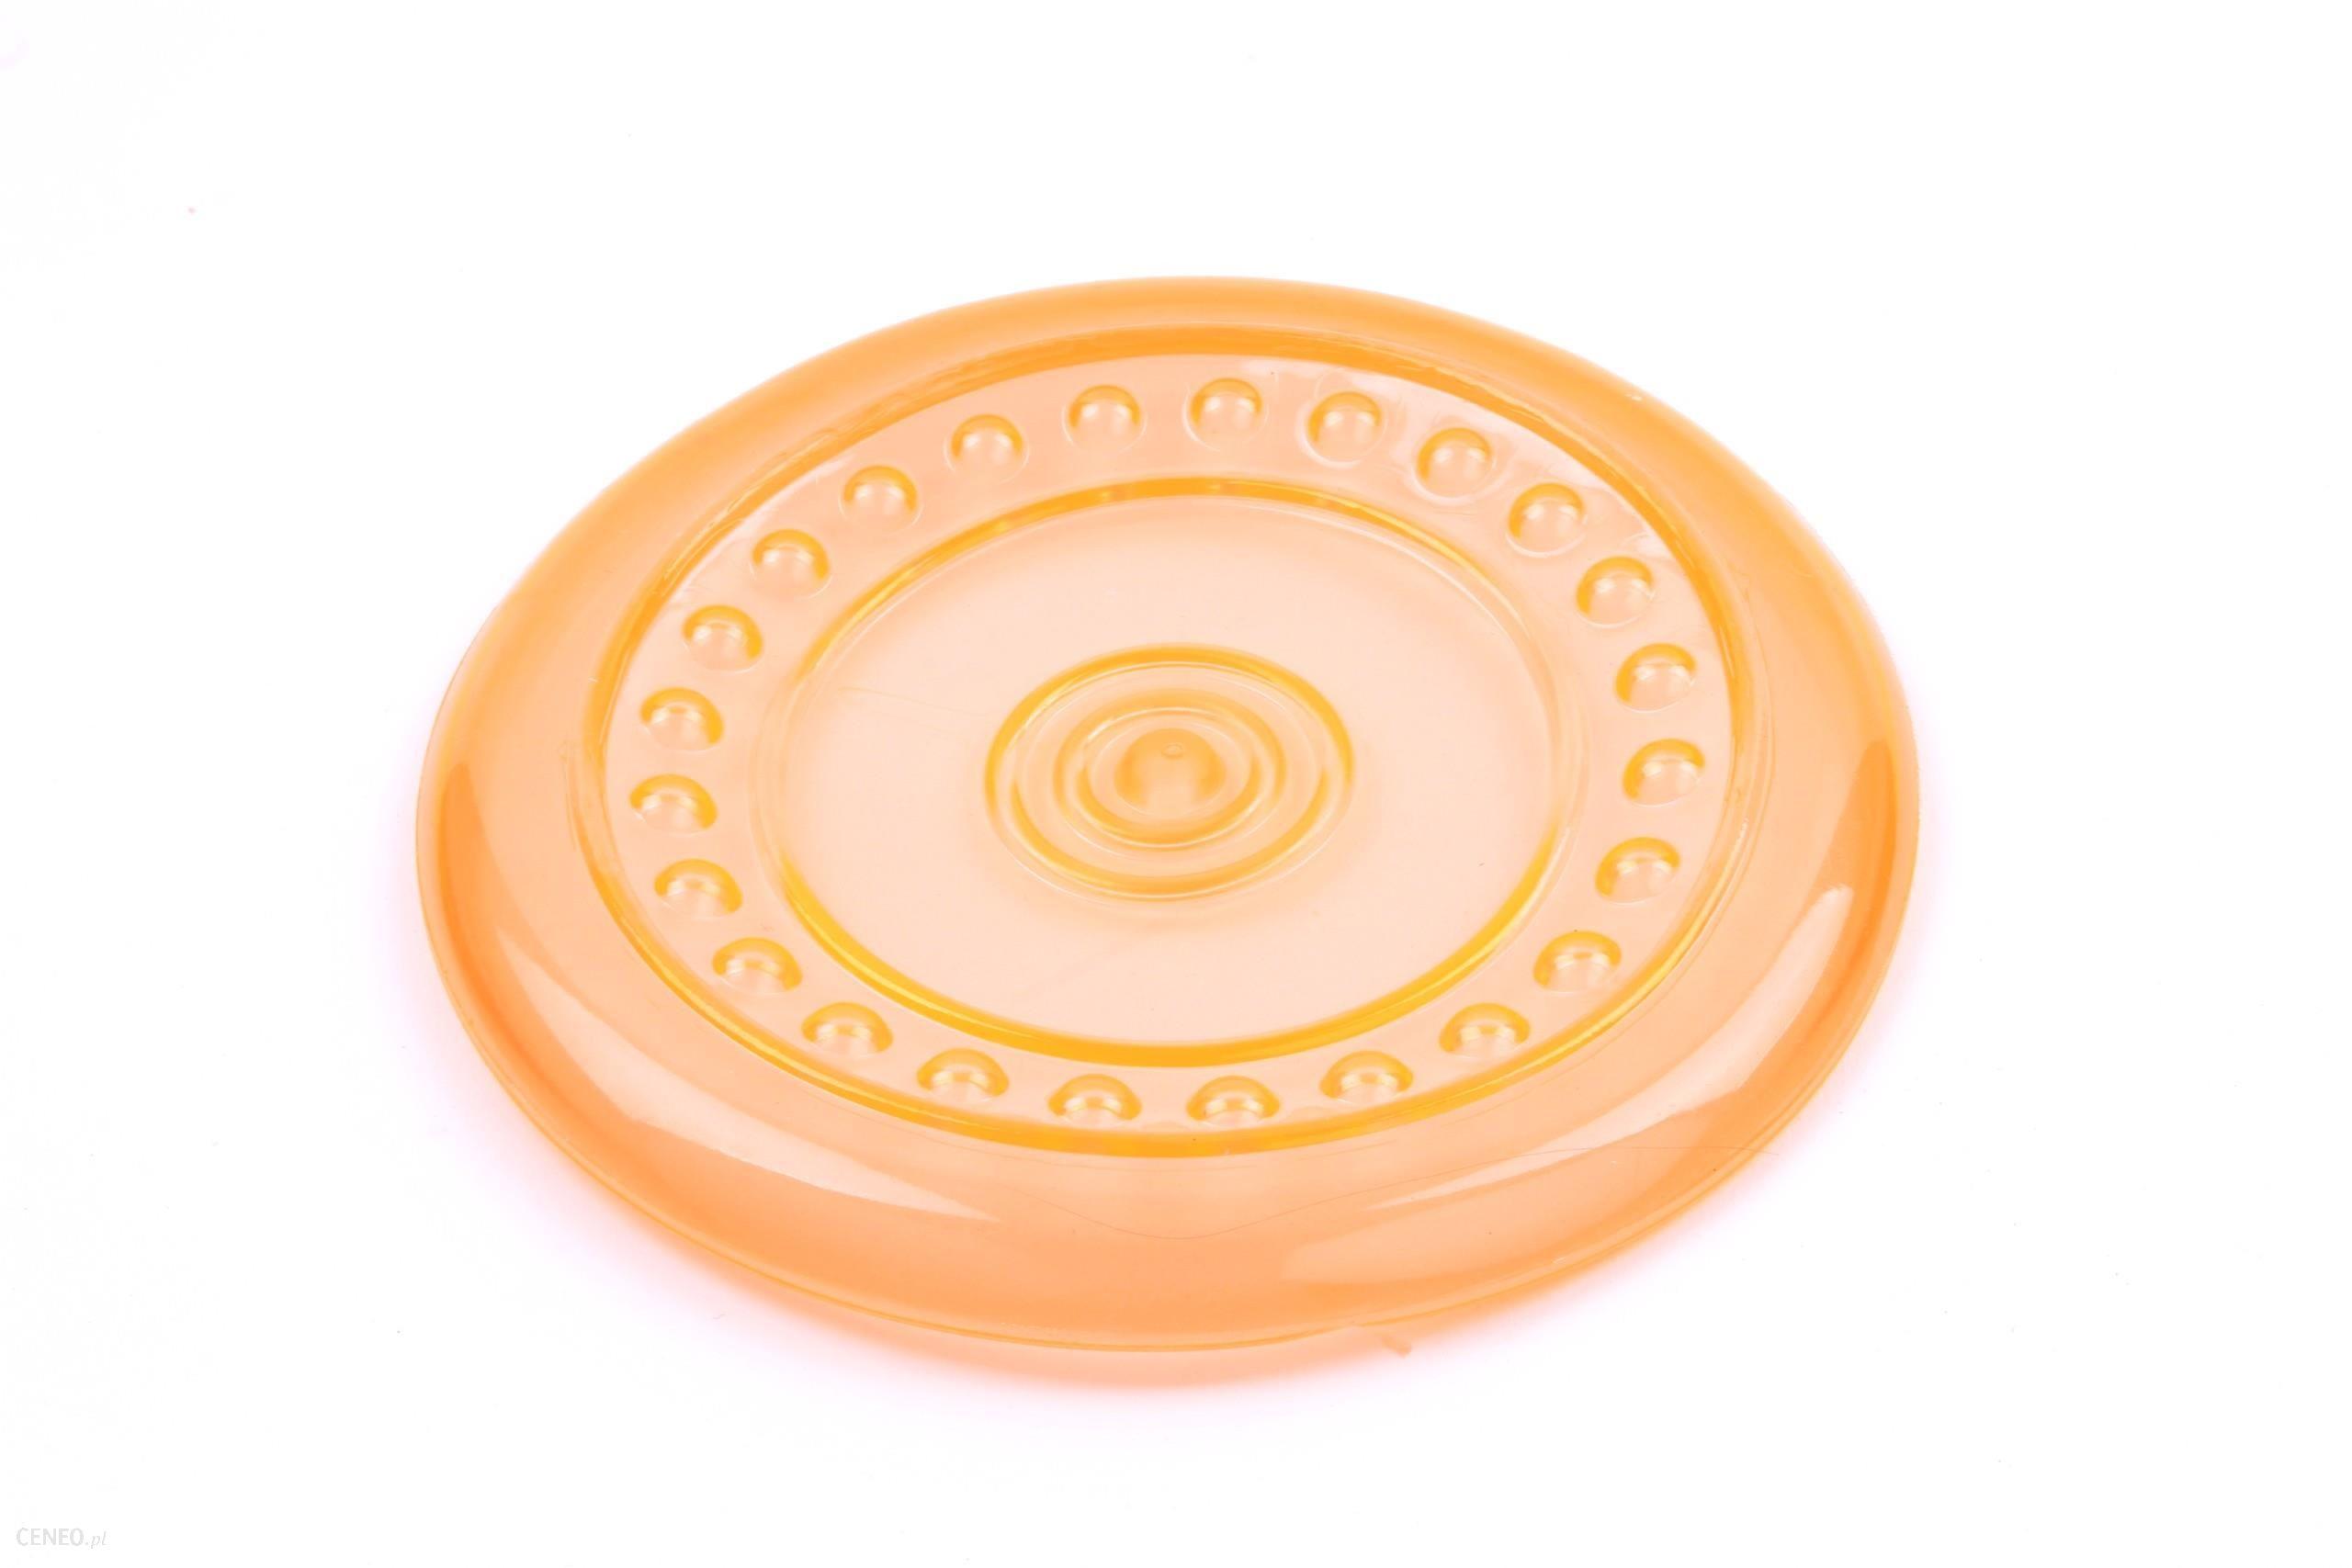 Frisbee Dysk Ringo Aport dla psa Orange 15